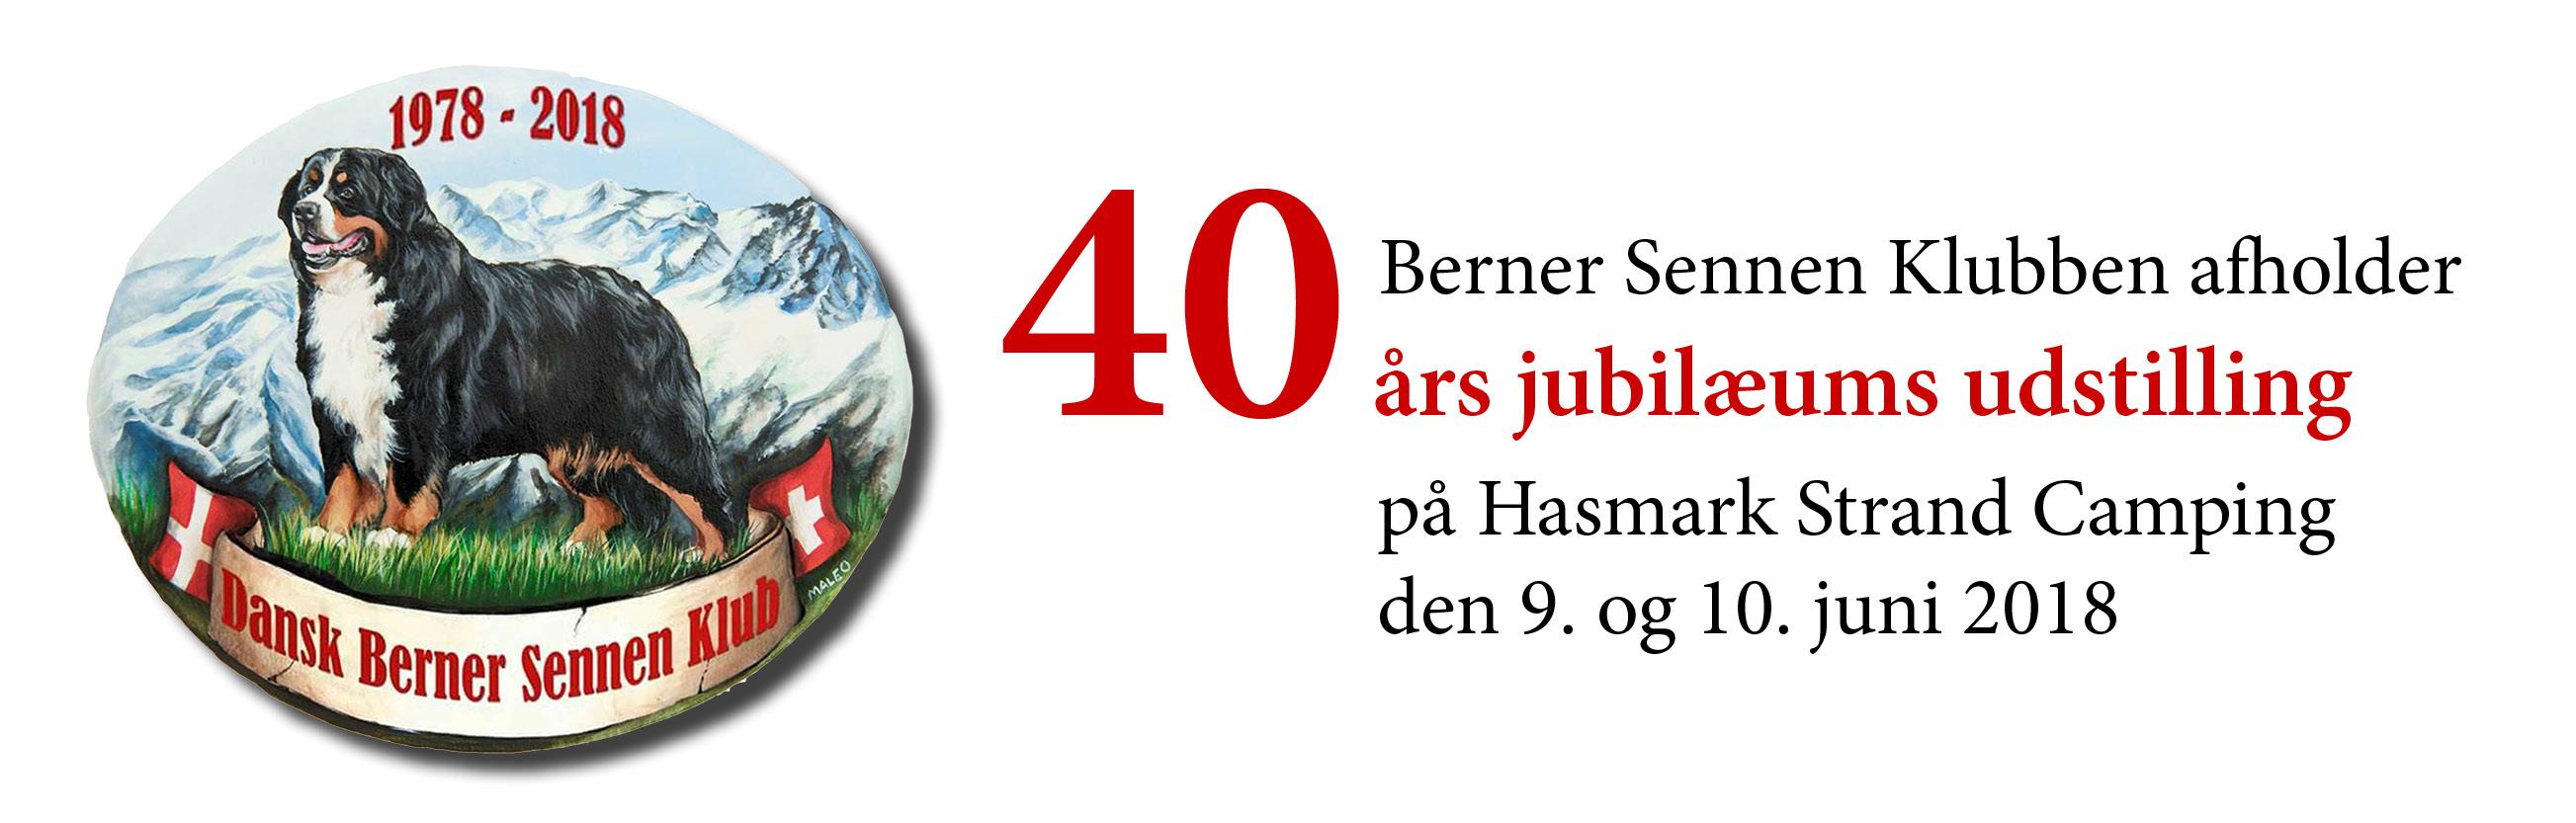 Dansk Berner sennen Klub